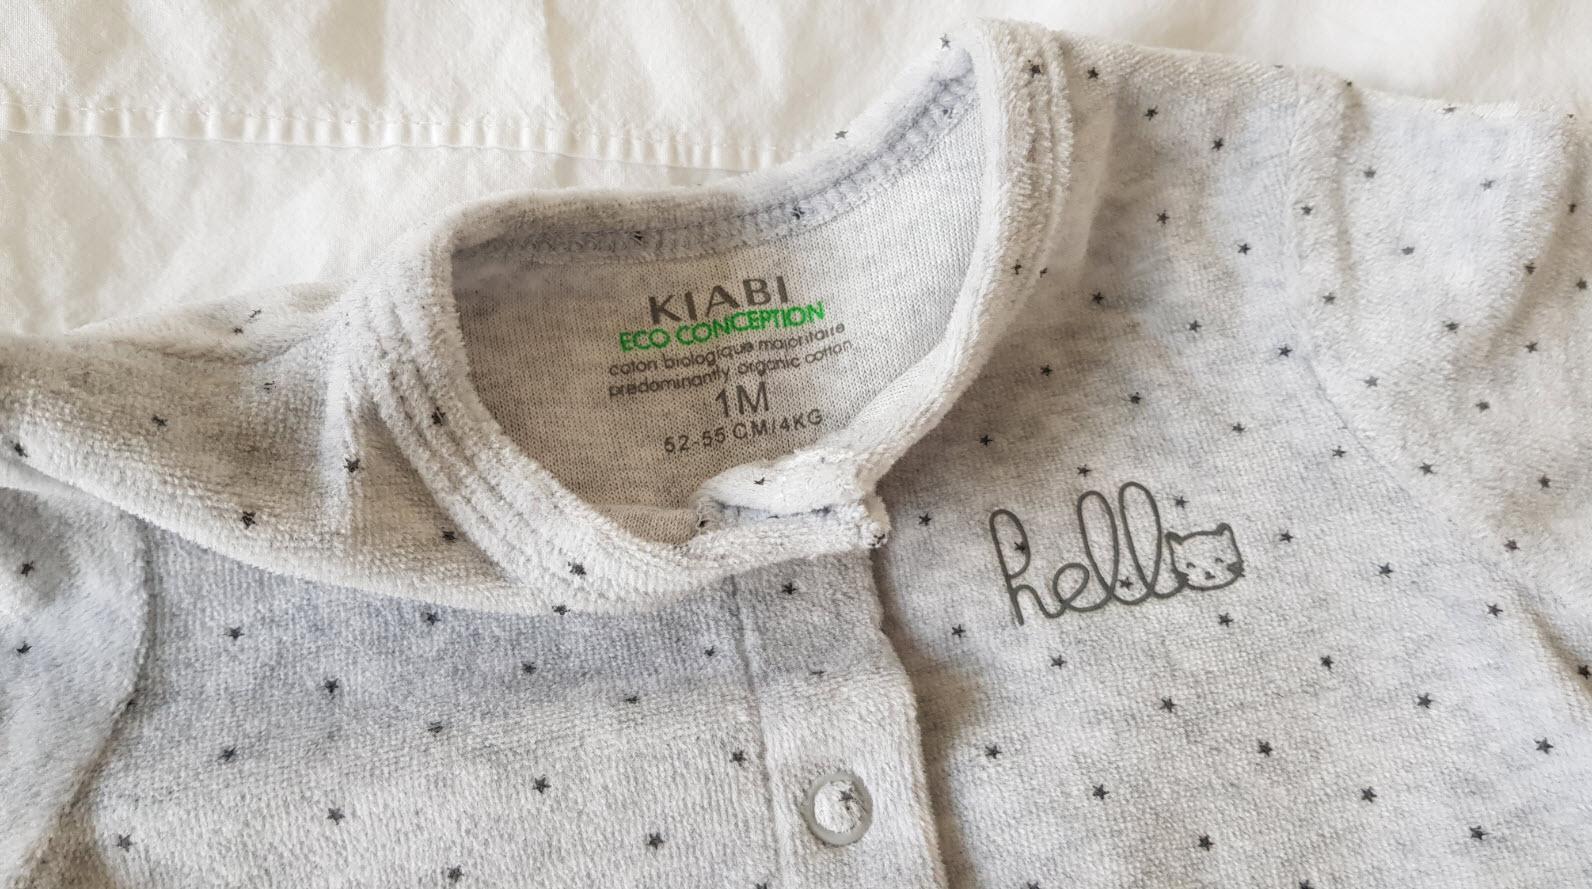 Kiabi bio